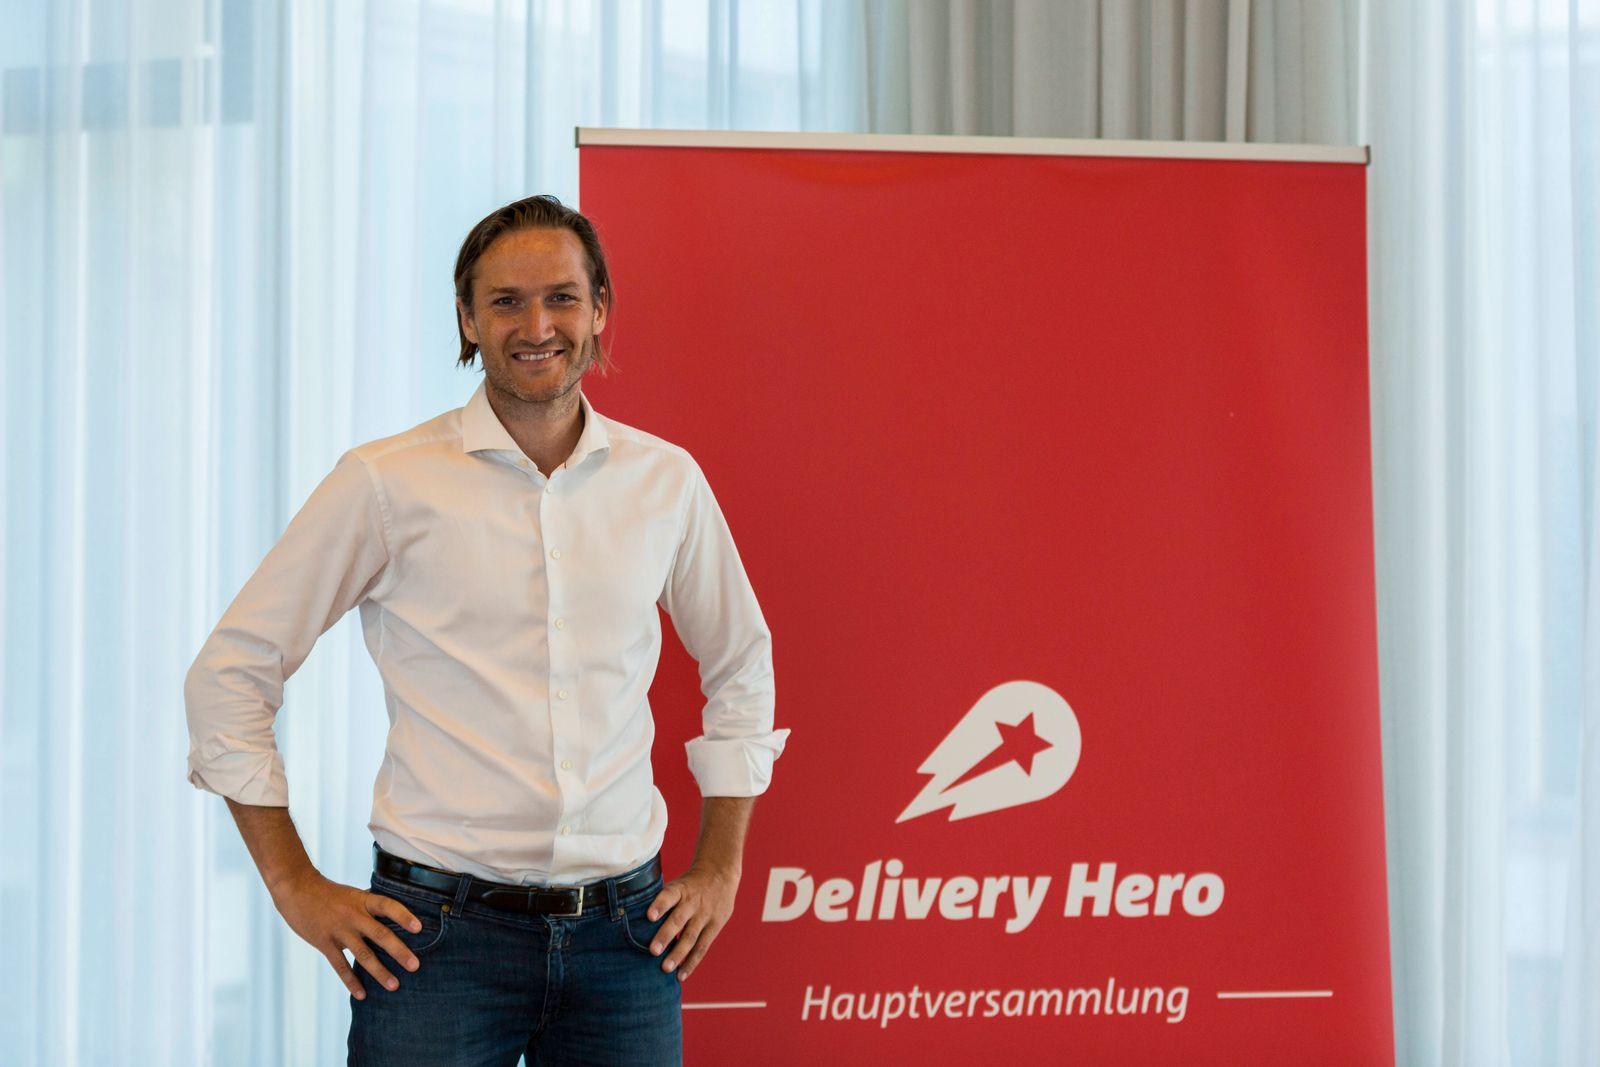 Niklas Östberg (Vorstandsvorsitzender der Delivery Hero AG) auf der Delivery Hero AG Hauptversammlung am 06.06.2018 in B